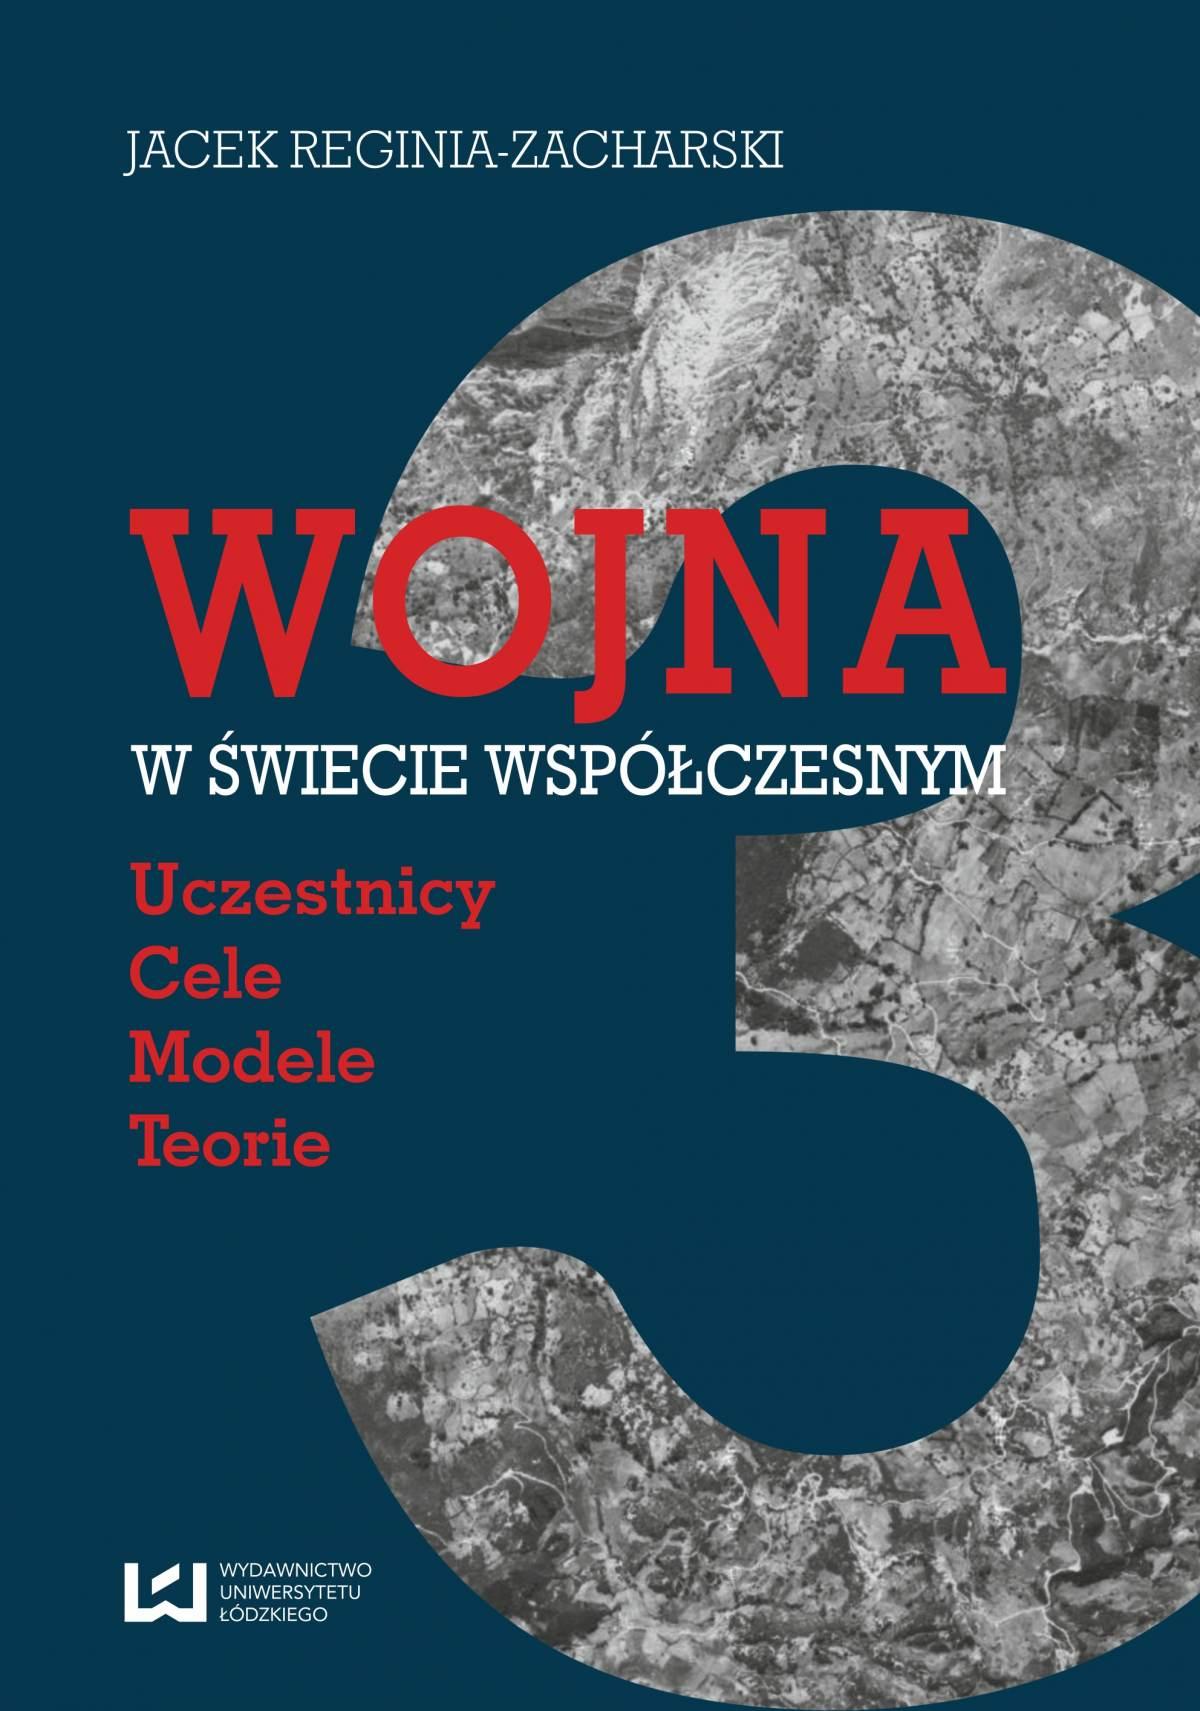 Wojna w świecie współczesnym. Uczestnicy ‒ cele ‒ modele ‒ teorie - Ebook (Książka PDF) do pobrania w formacie PDF